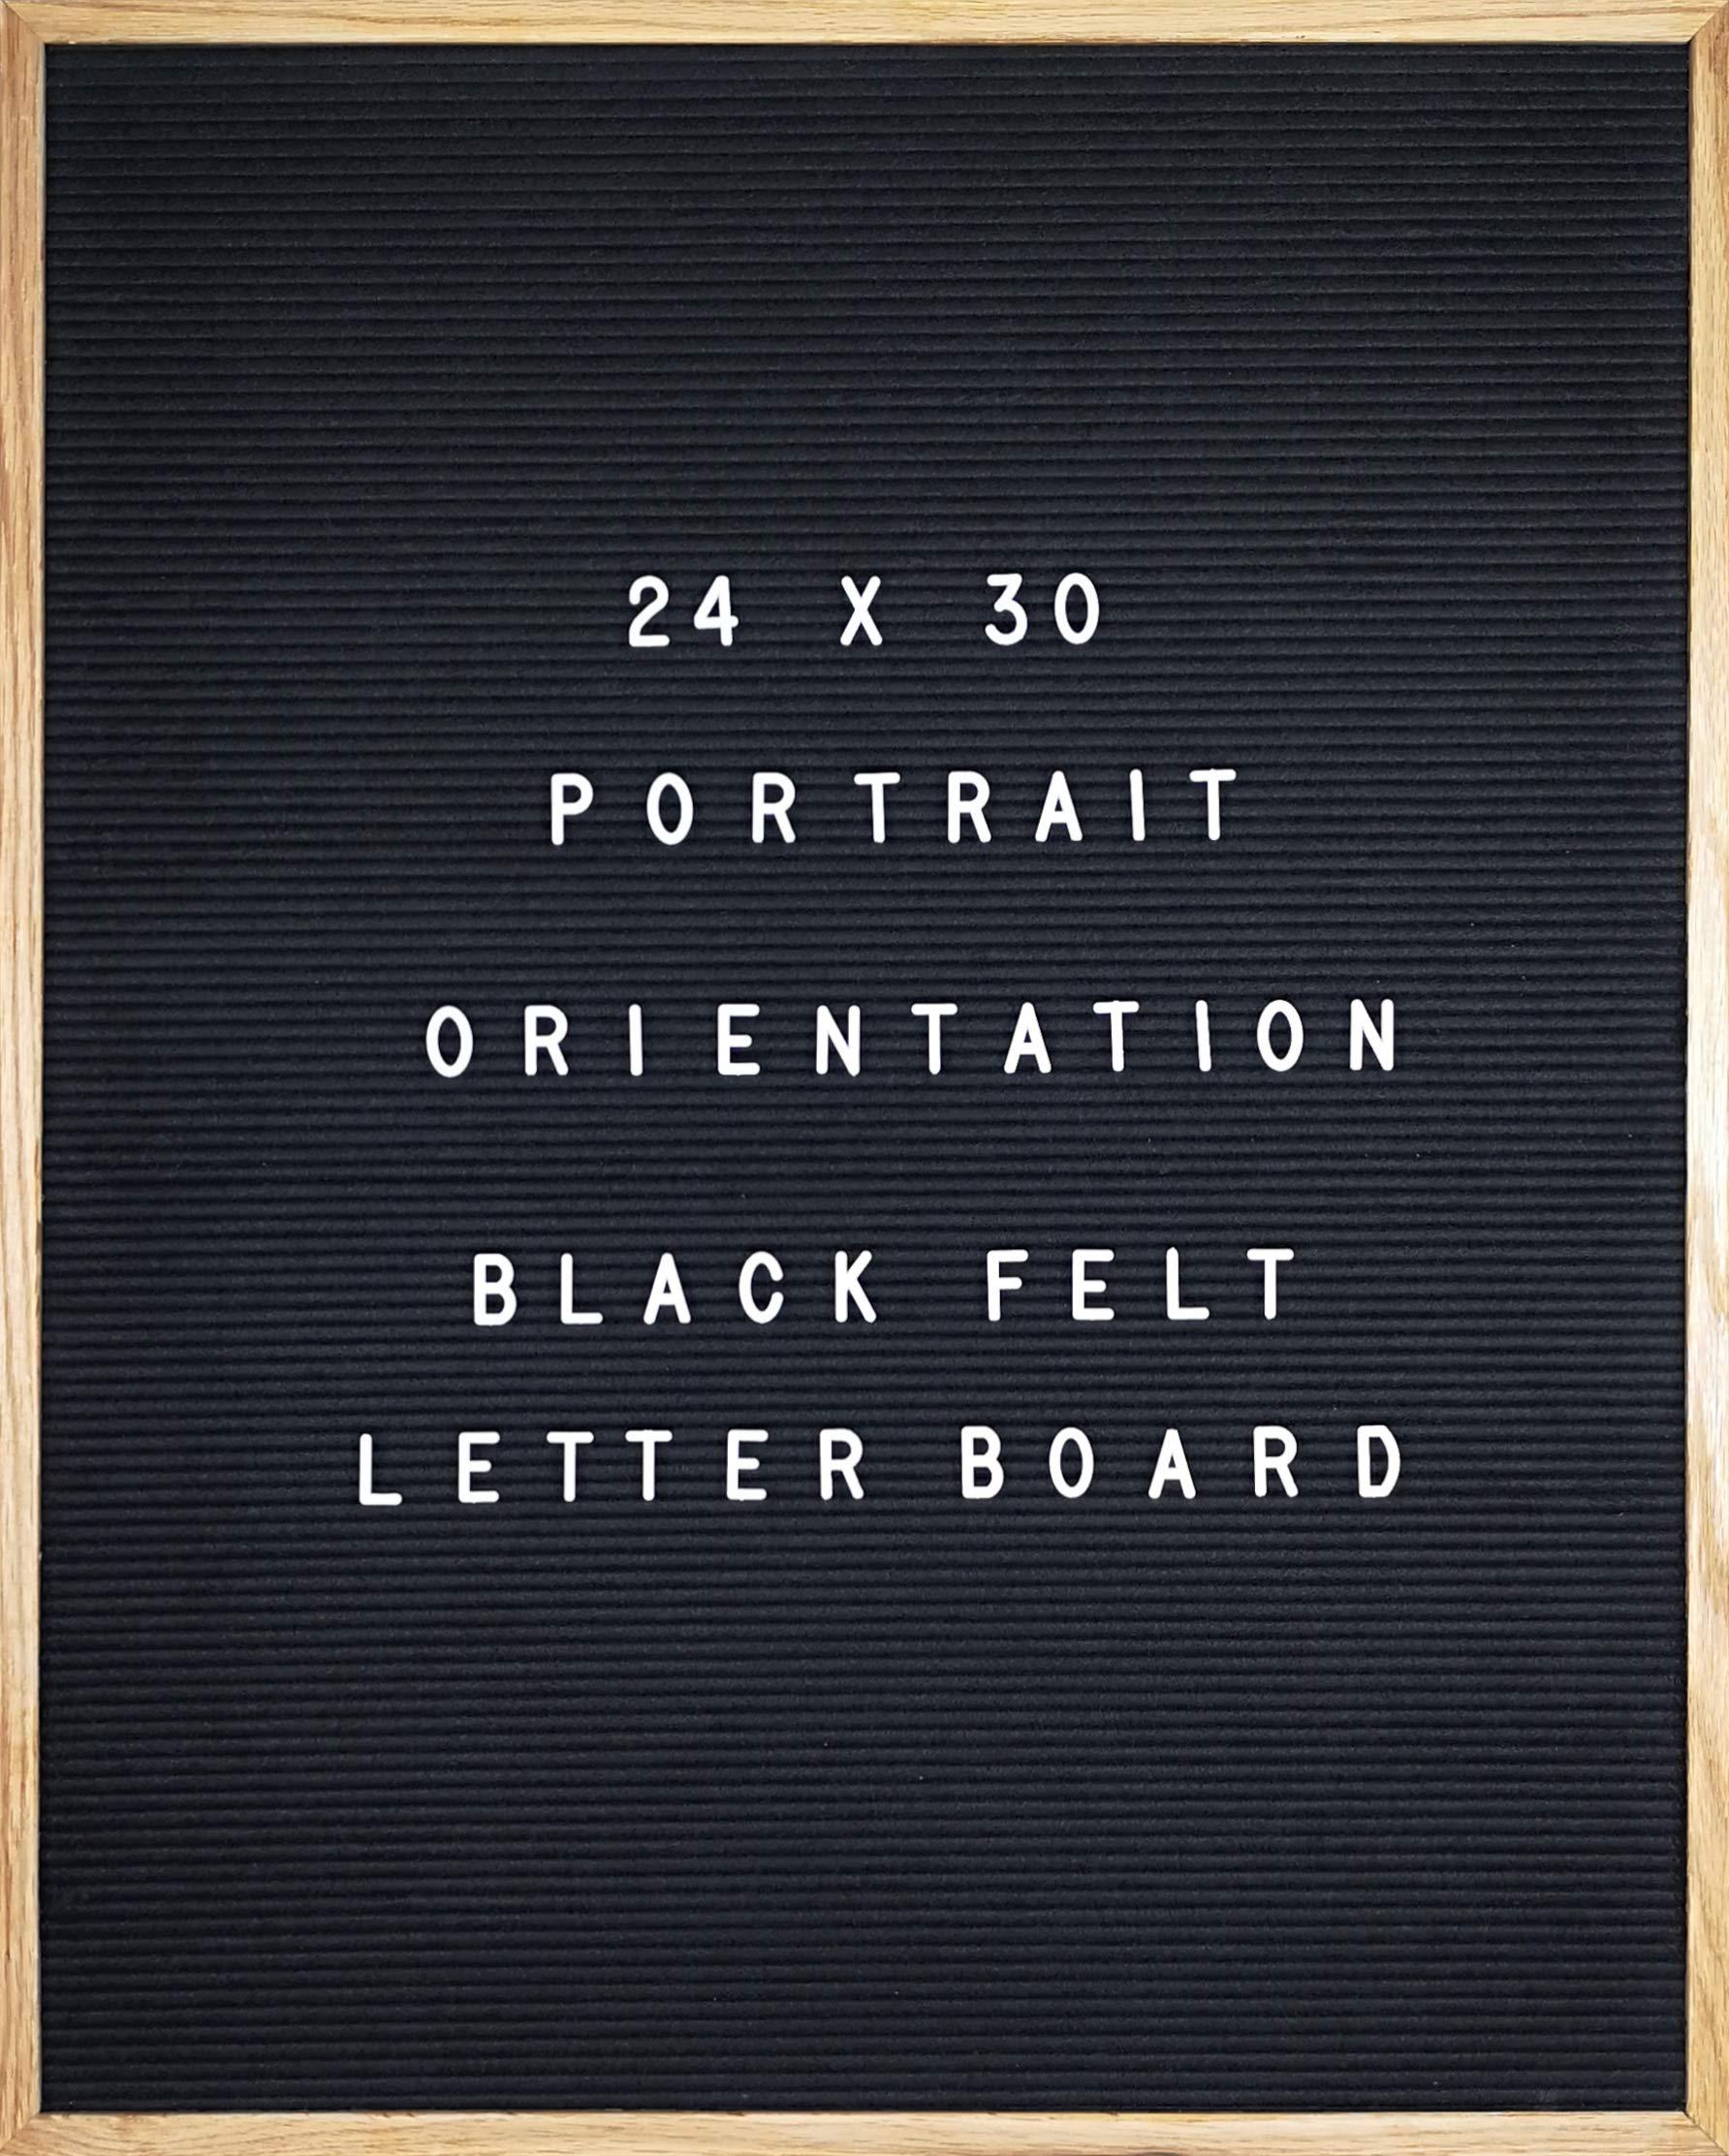 """Black Felt Letter Board 24 X 30 Portrait Orientation with 692-Piece Set of 1"""" and 3/4"""" Letters, Symbols & Emojis, 36 Slot Set Organizer, Cutters, 2 Letter Pouches"""